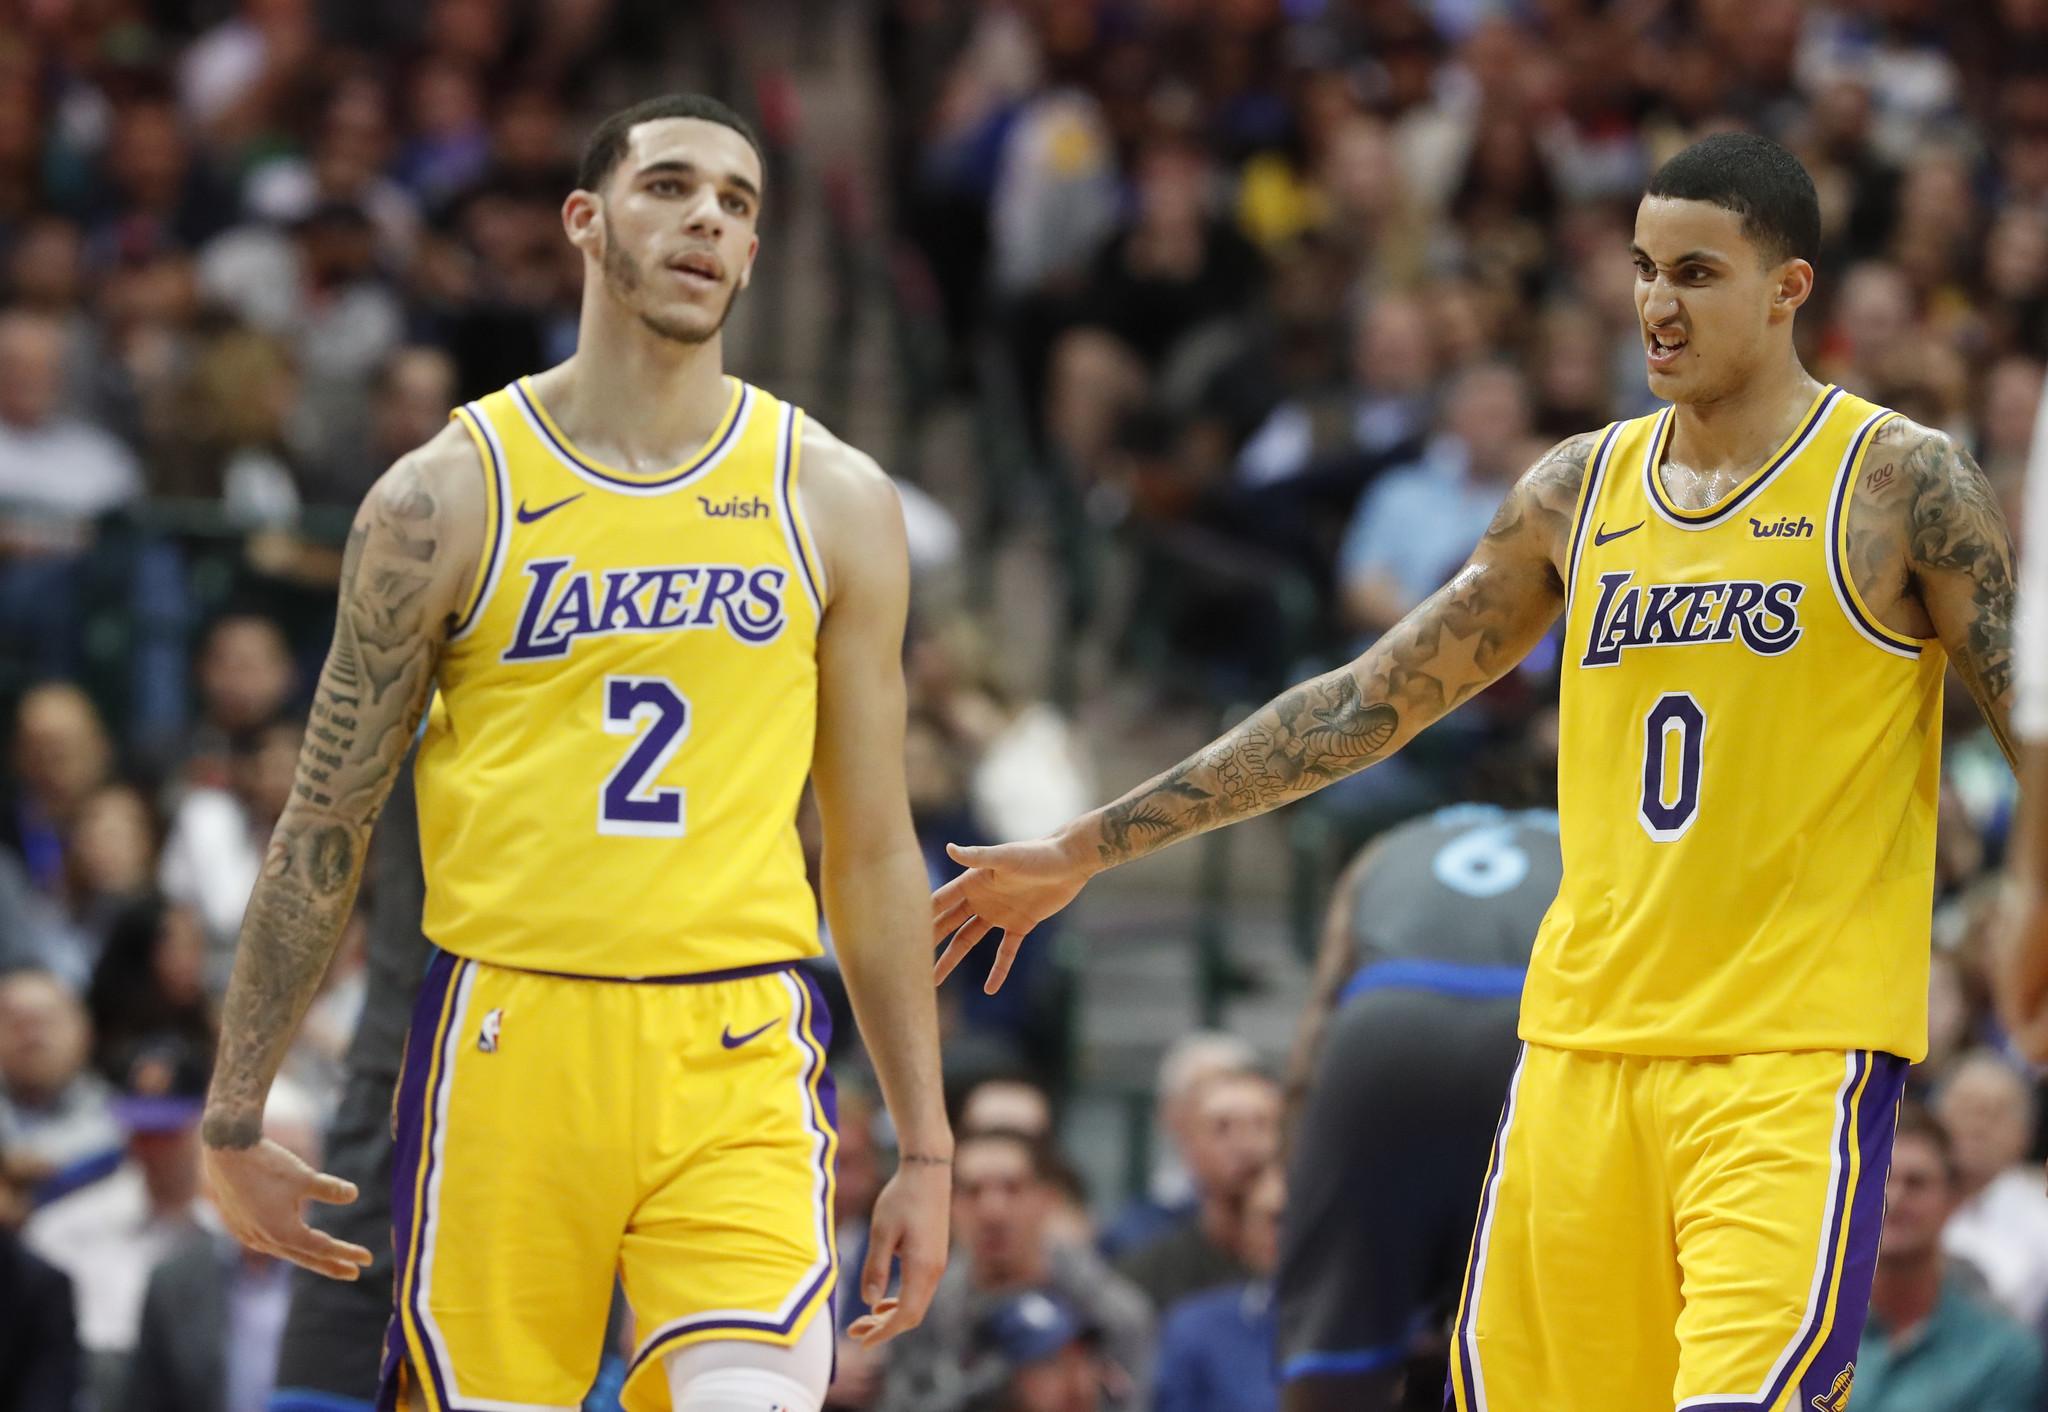 b24635085d5 ... 2019 Kyle Kuzma tiene en mente una alineación especial para los Lakers  LA Times - 18 23 PM ET January 10